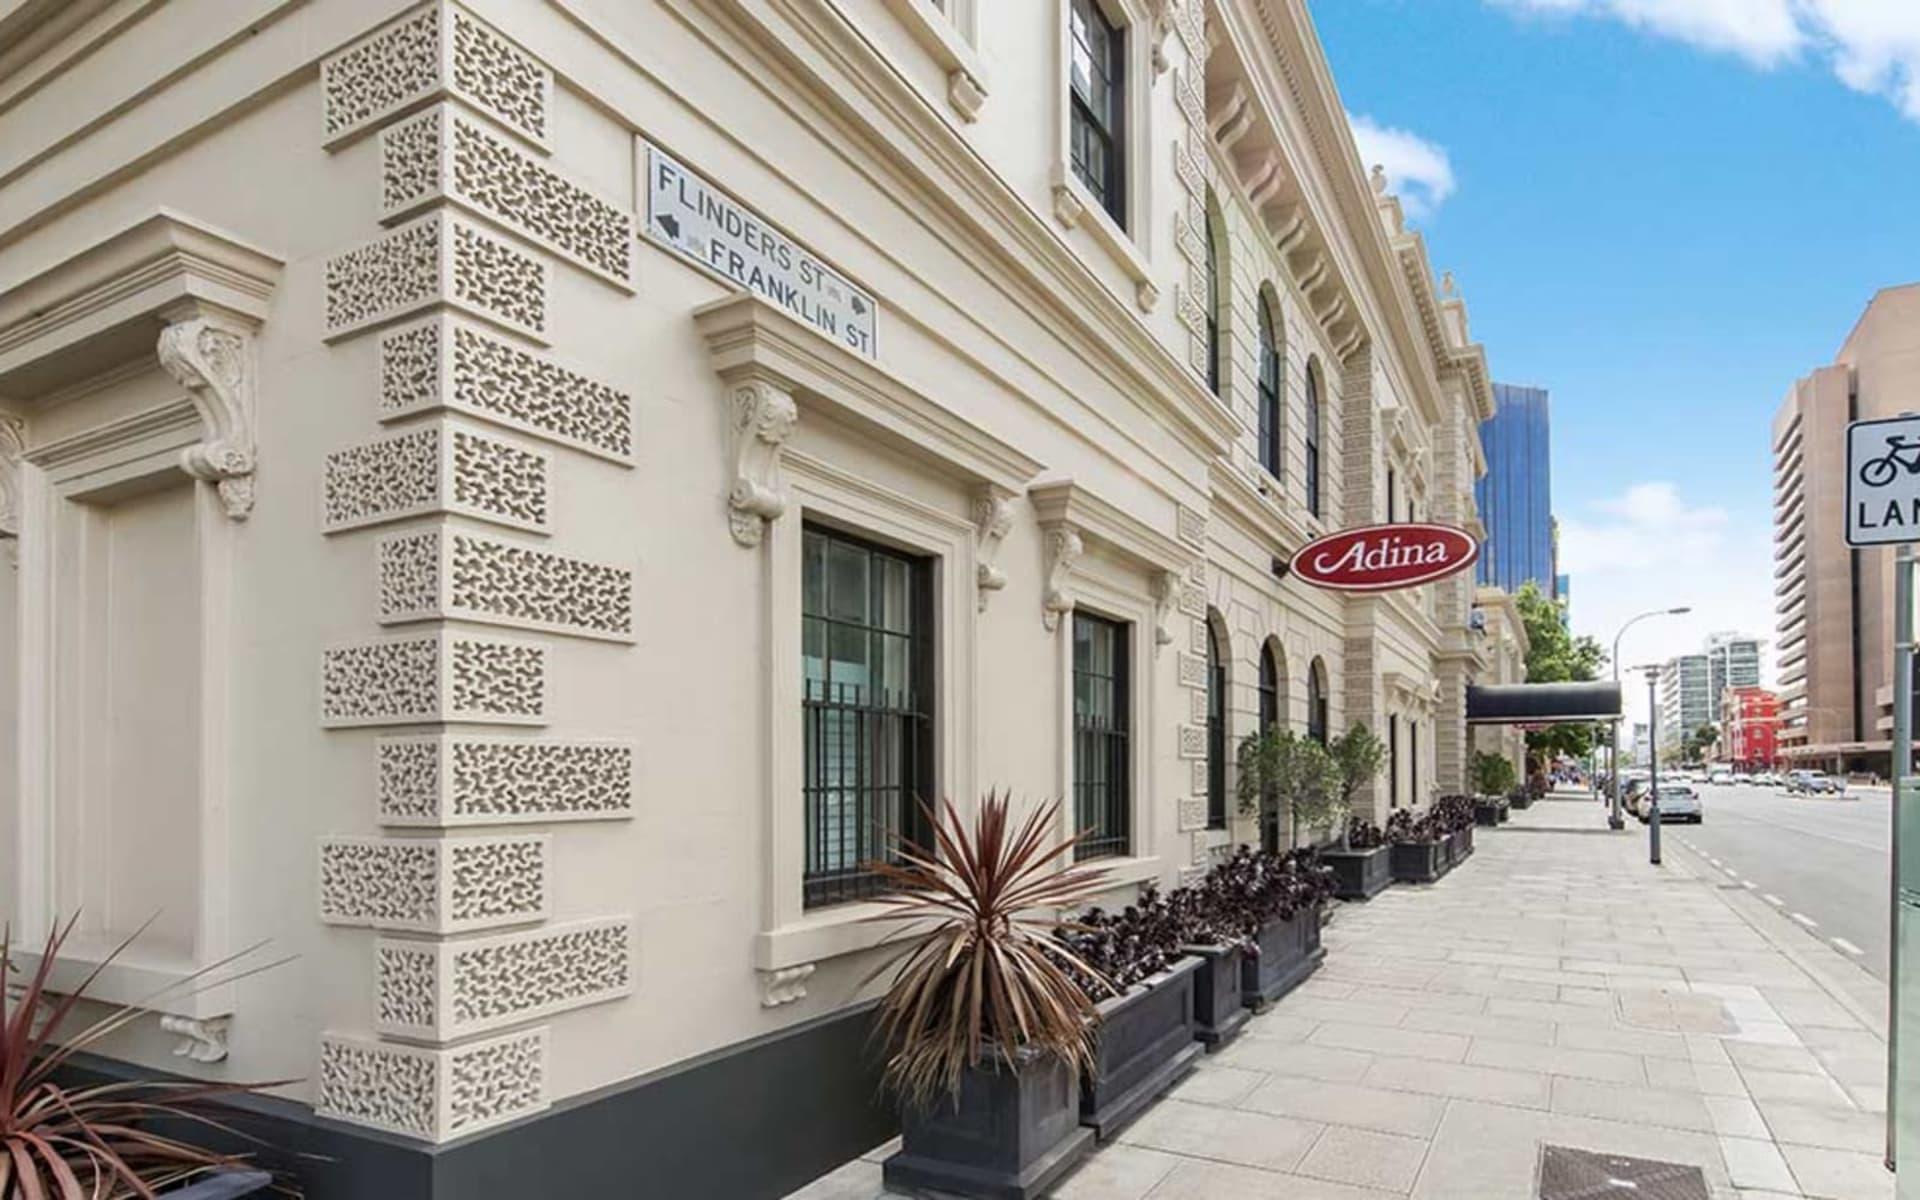 Adina Apartment Hotel Adelaide Treasury: Adina-apartment-hotel-adelaide-exterior-04-2018